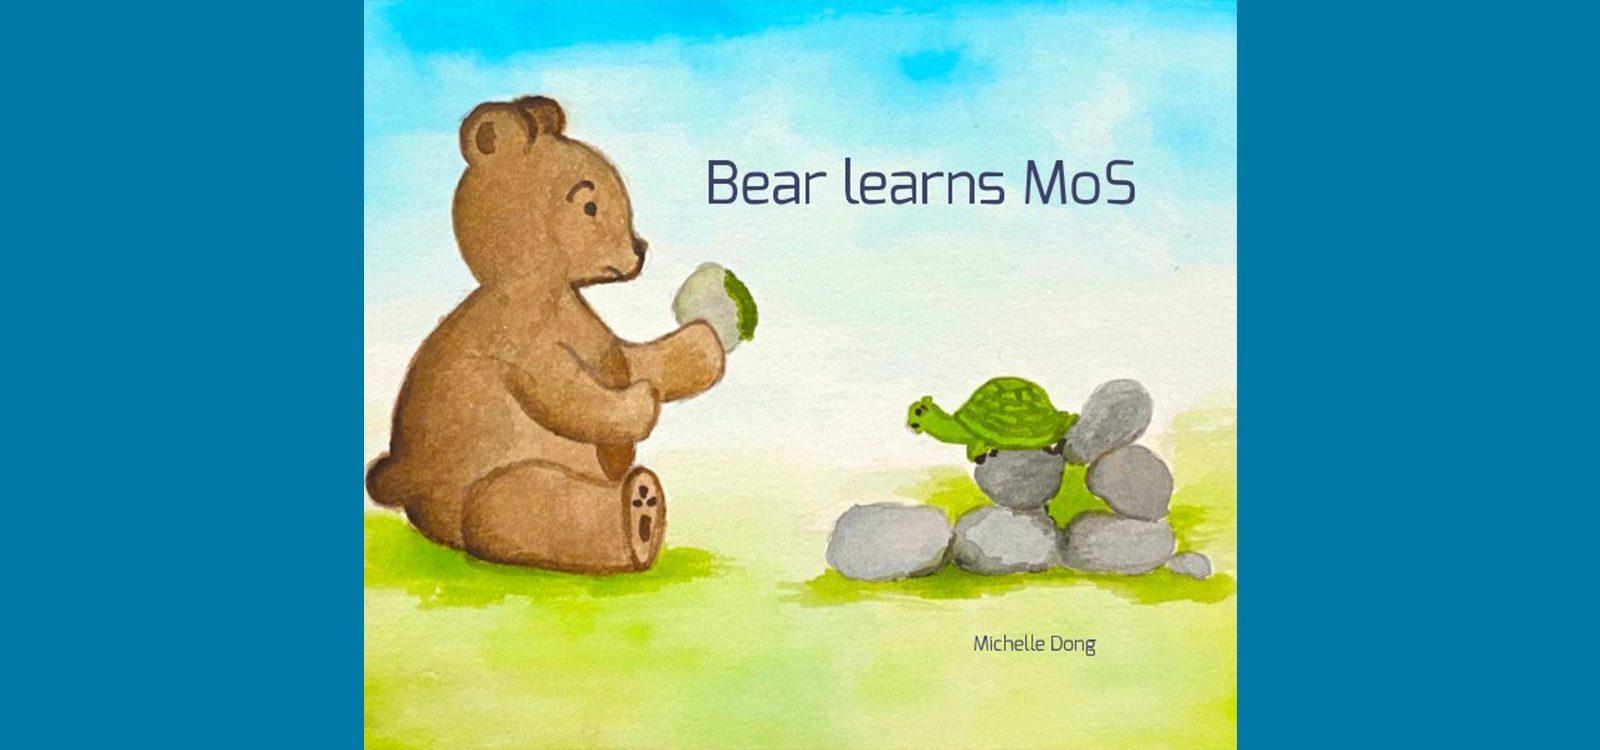 How can a Bear learn MoS?